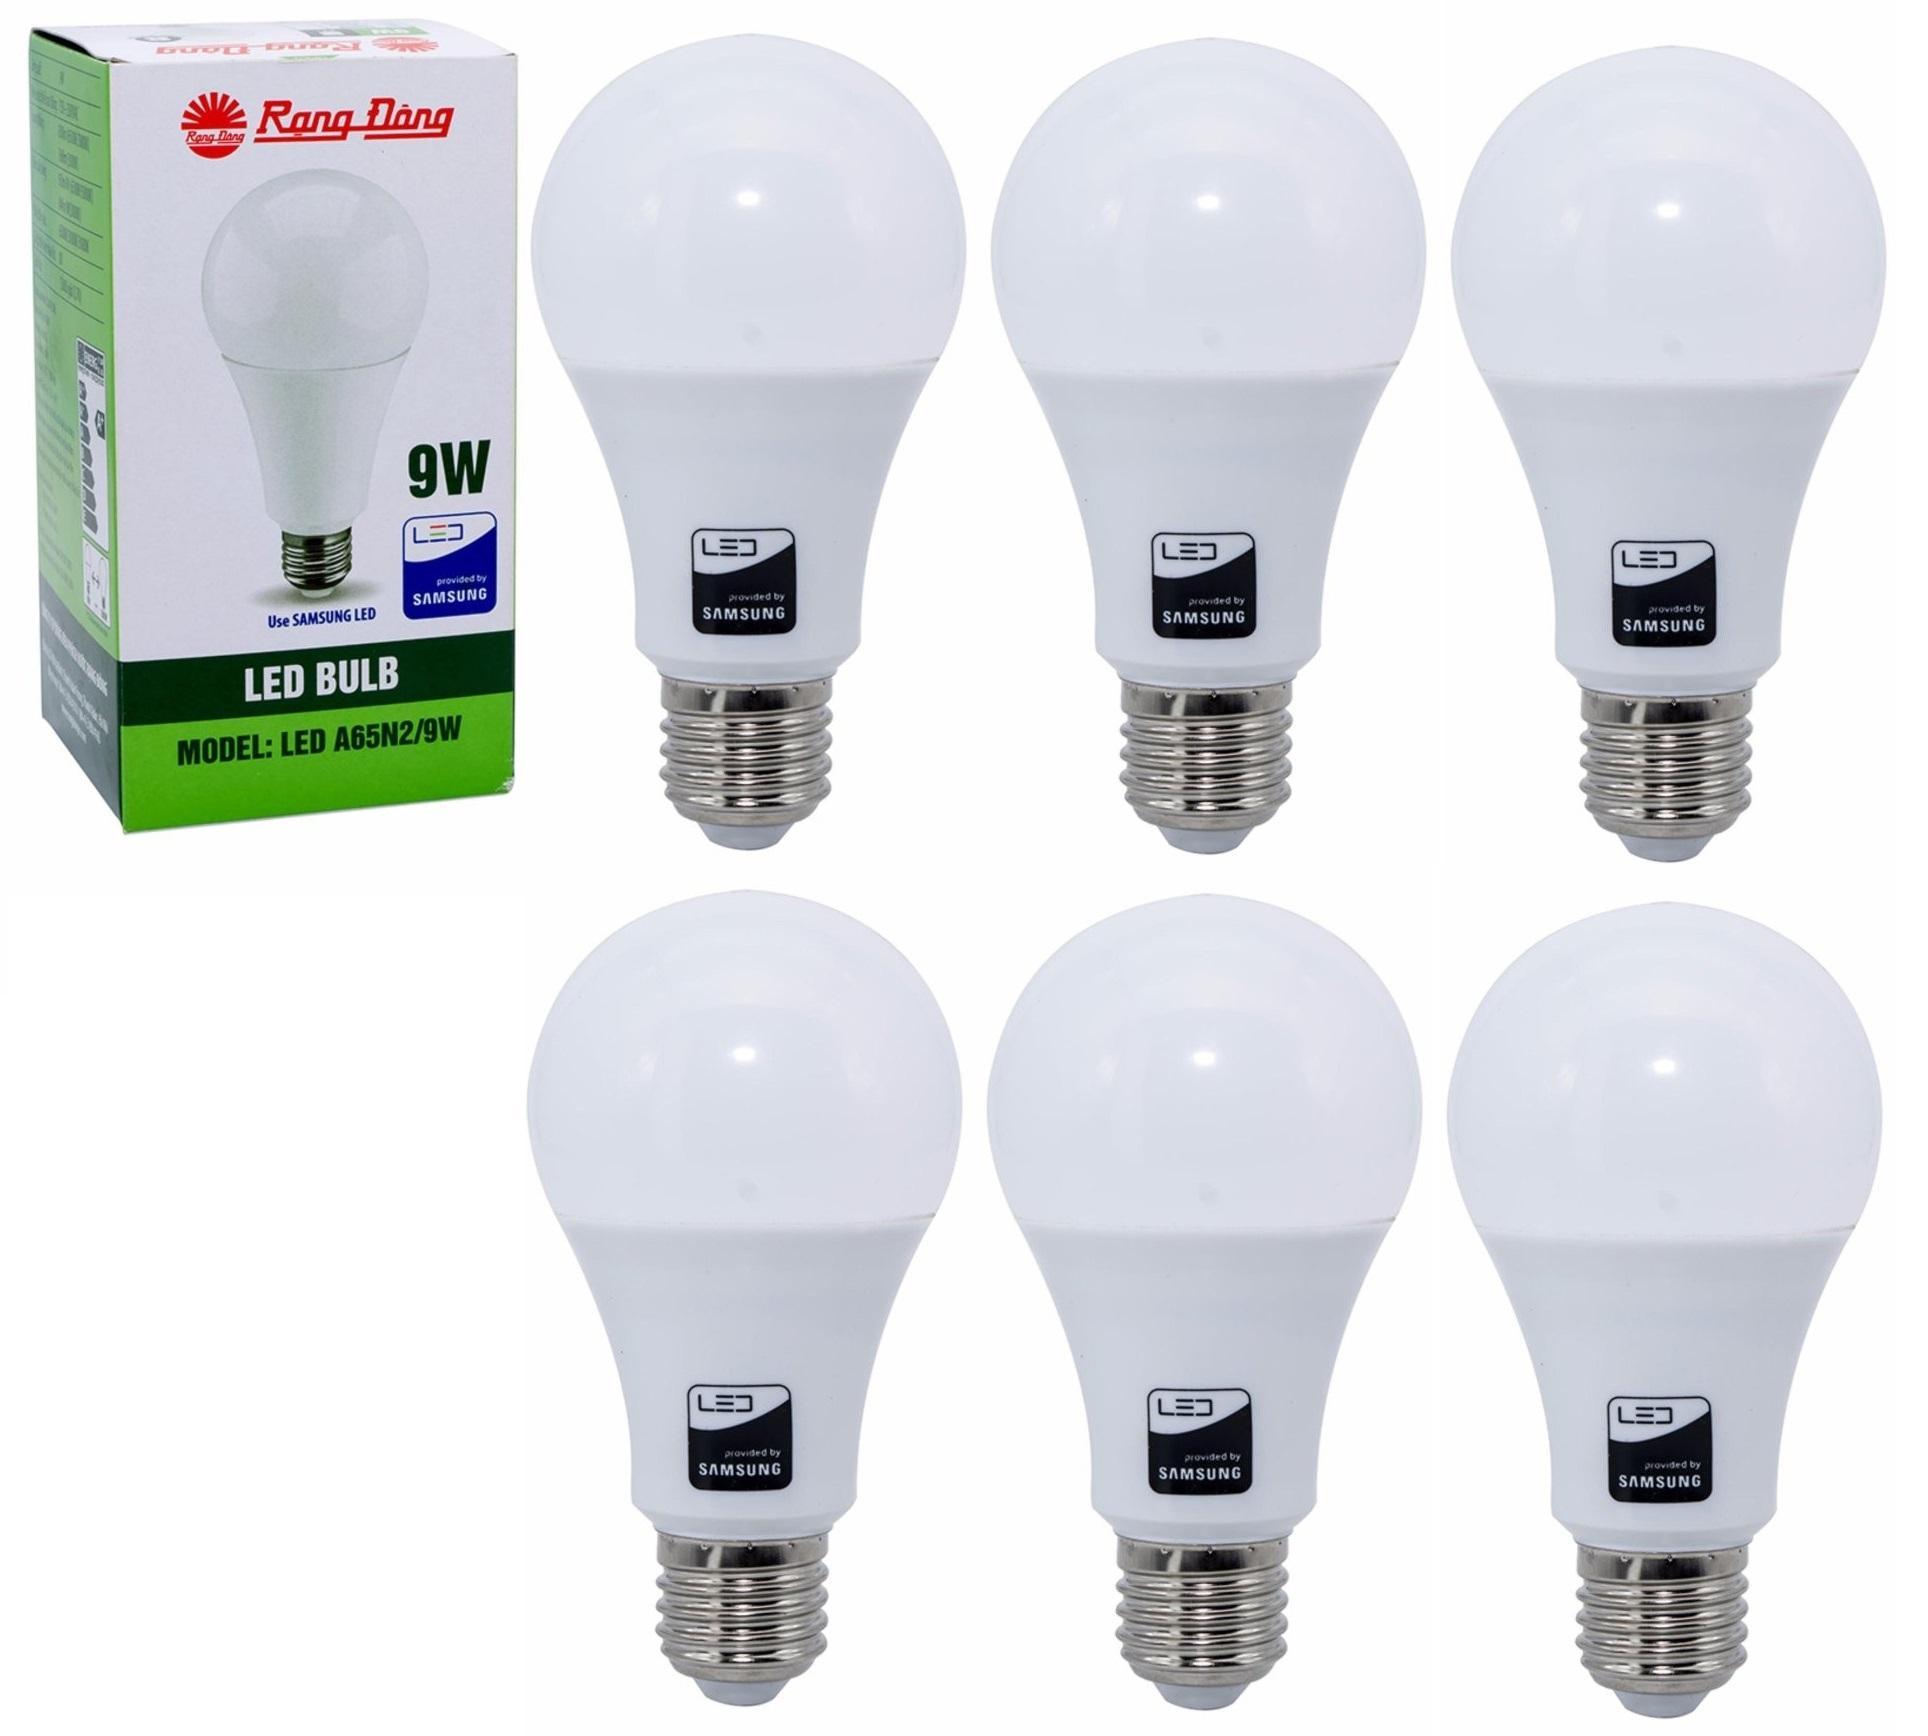 Cần quan tâm đến nhiều yếu tố khi chọn cửa hàng đèn Rạng Đông